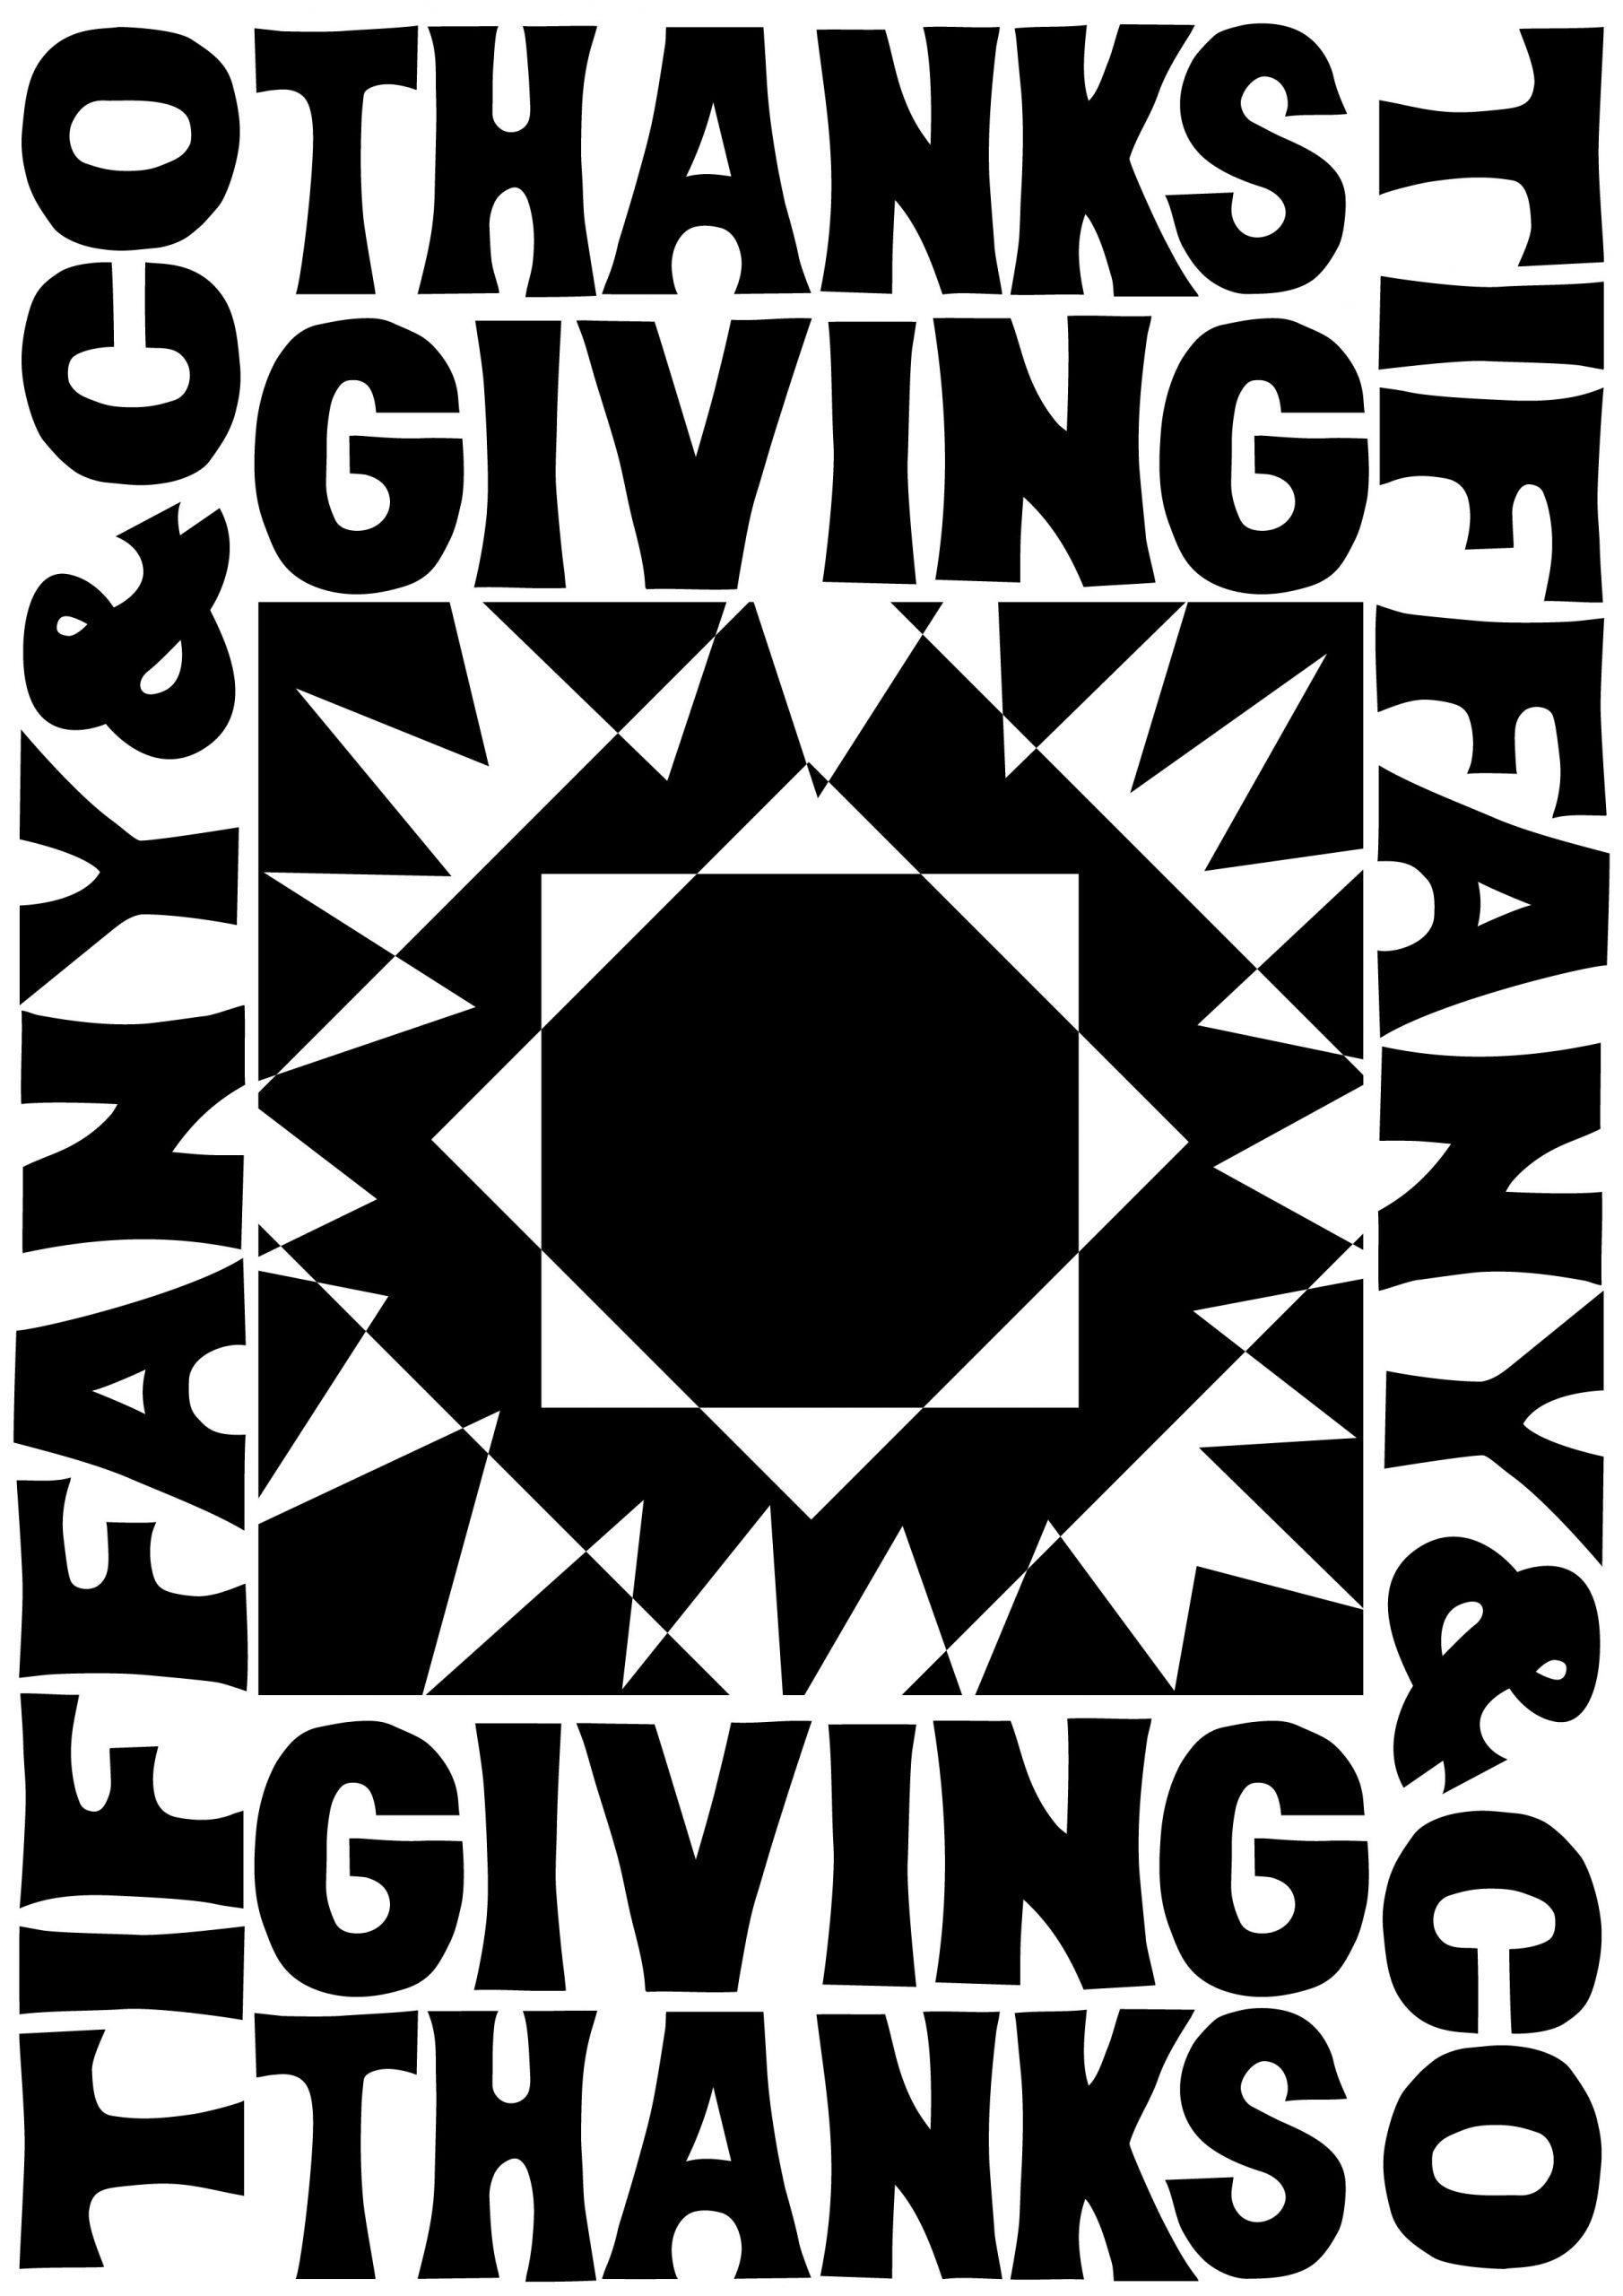 Giving Thanks by Tiffany un gioiello celebra il valore della gratitudine